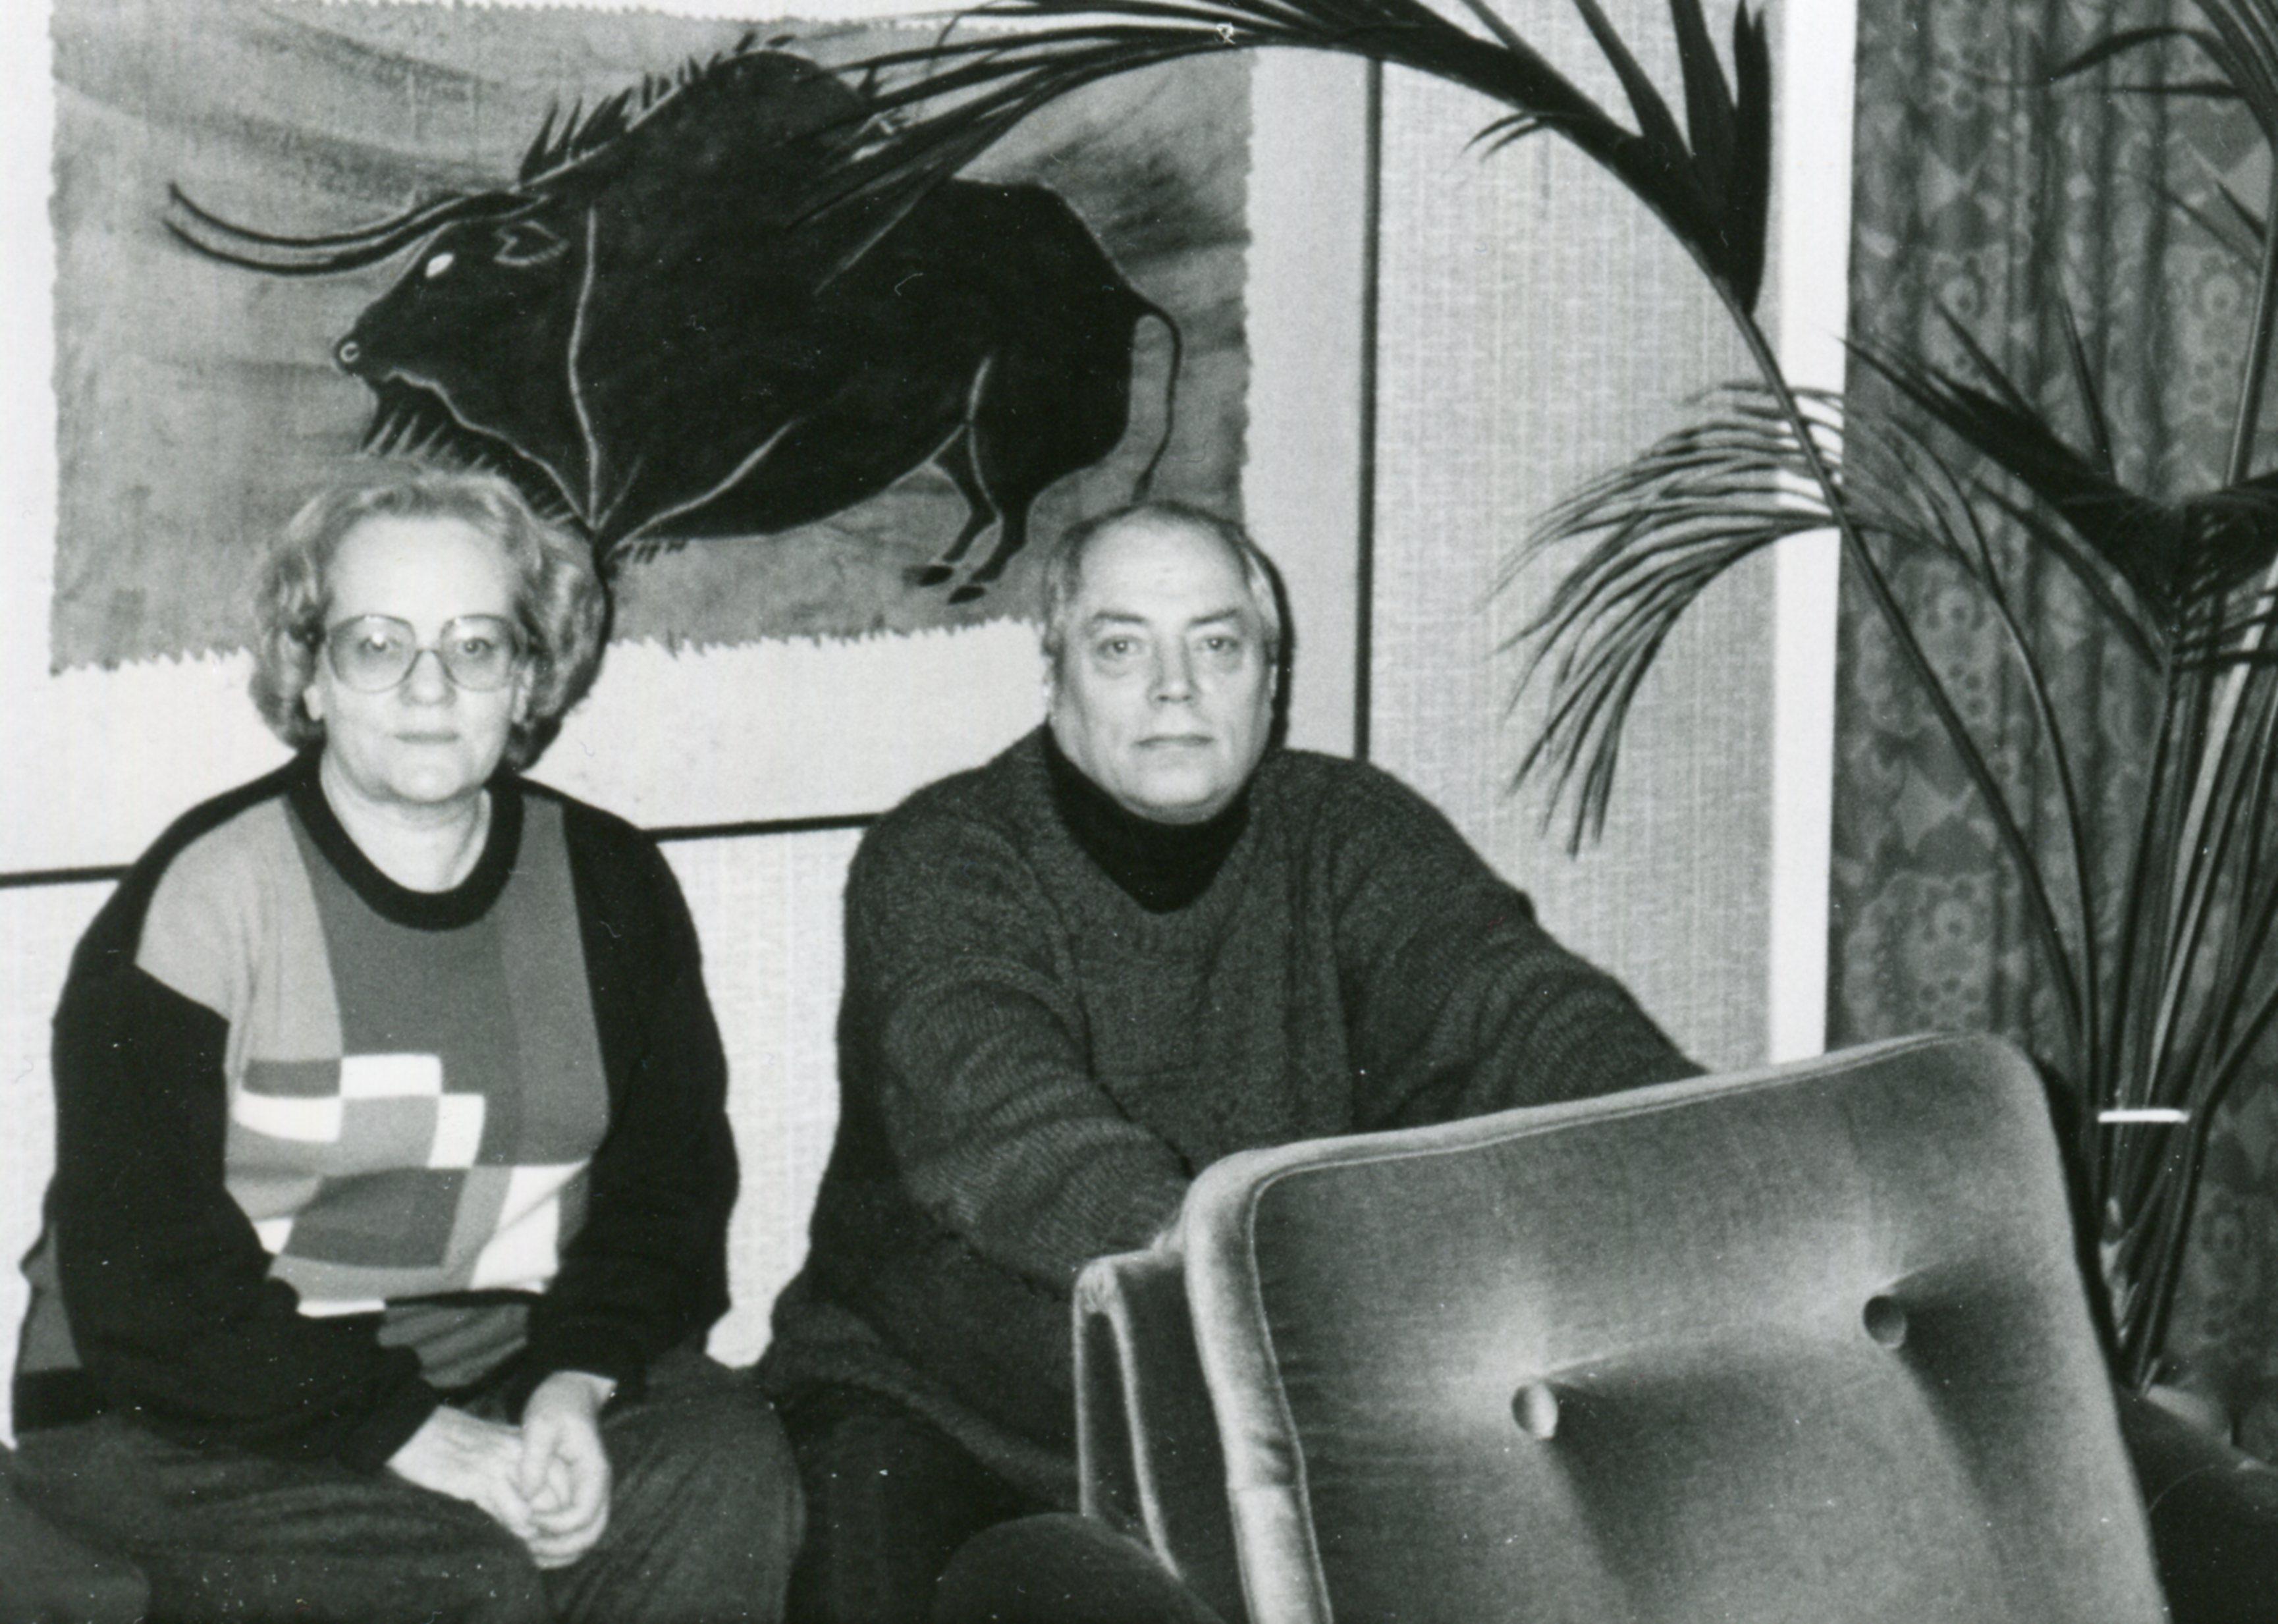 Vili ja Eila001